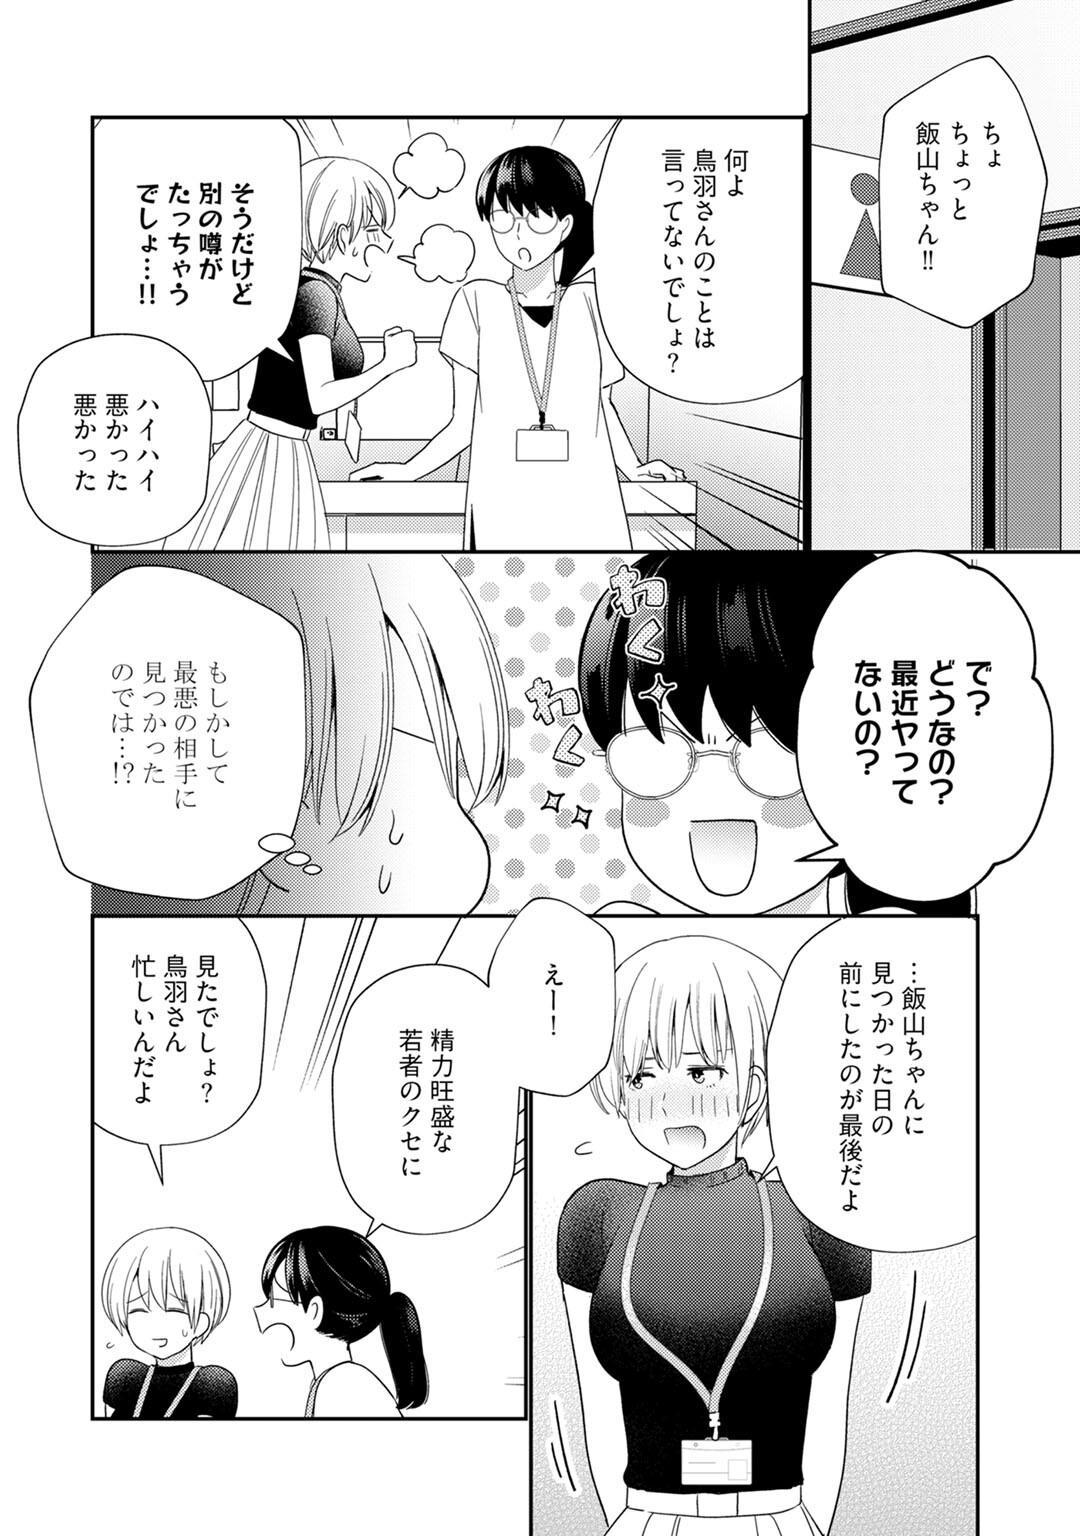 [Okonogi Happa] Kyonyuu-chan to Kyokon Joushi -Kaisha de Musabori Sex- act. 7 9